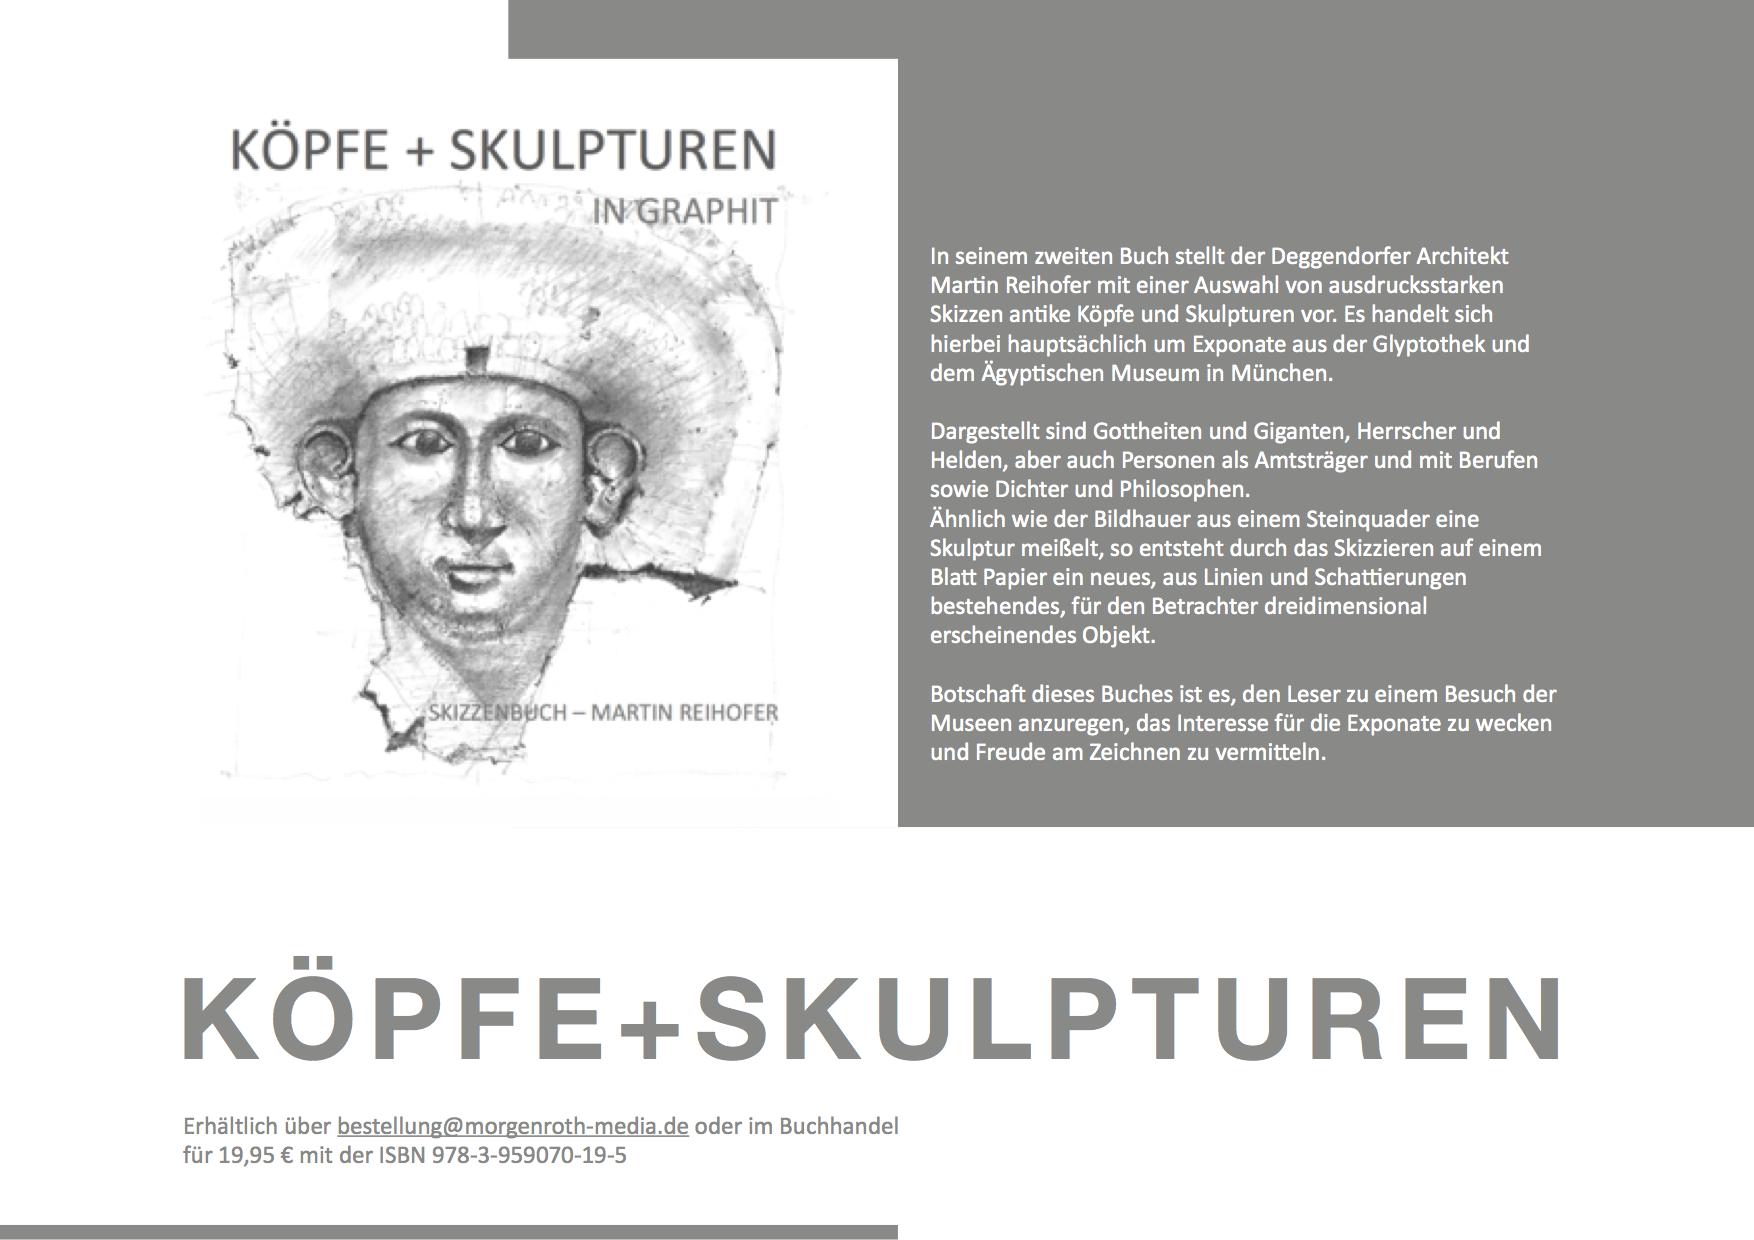 Köpfe+Skulpturen von Martin Reihofer